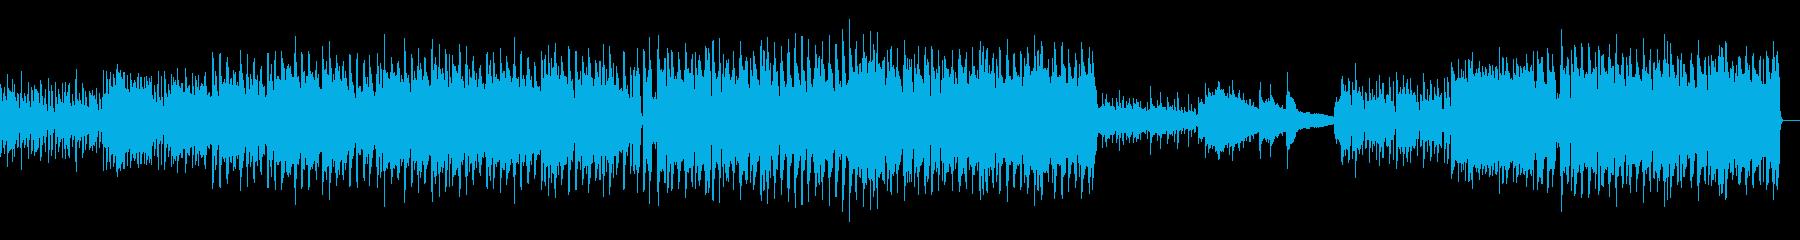 爽やかで希望感あるポップス(ギター抜き)の再生済みの波形